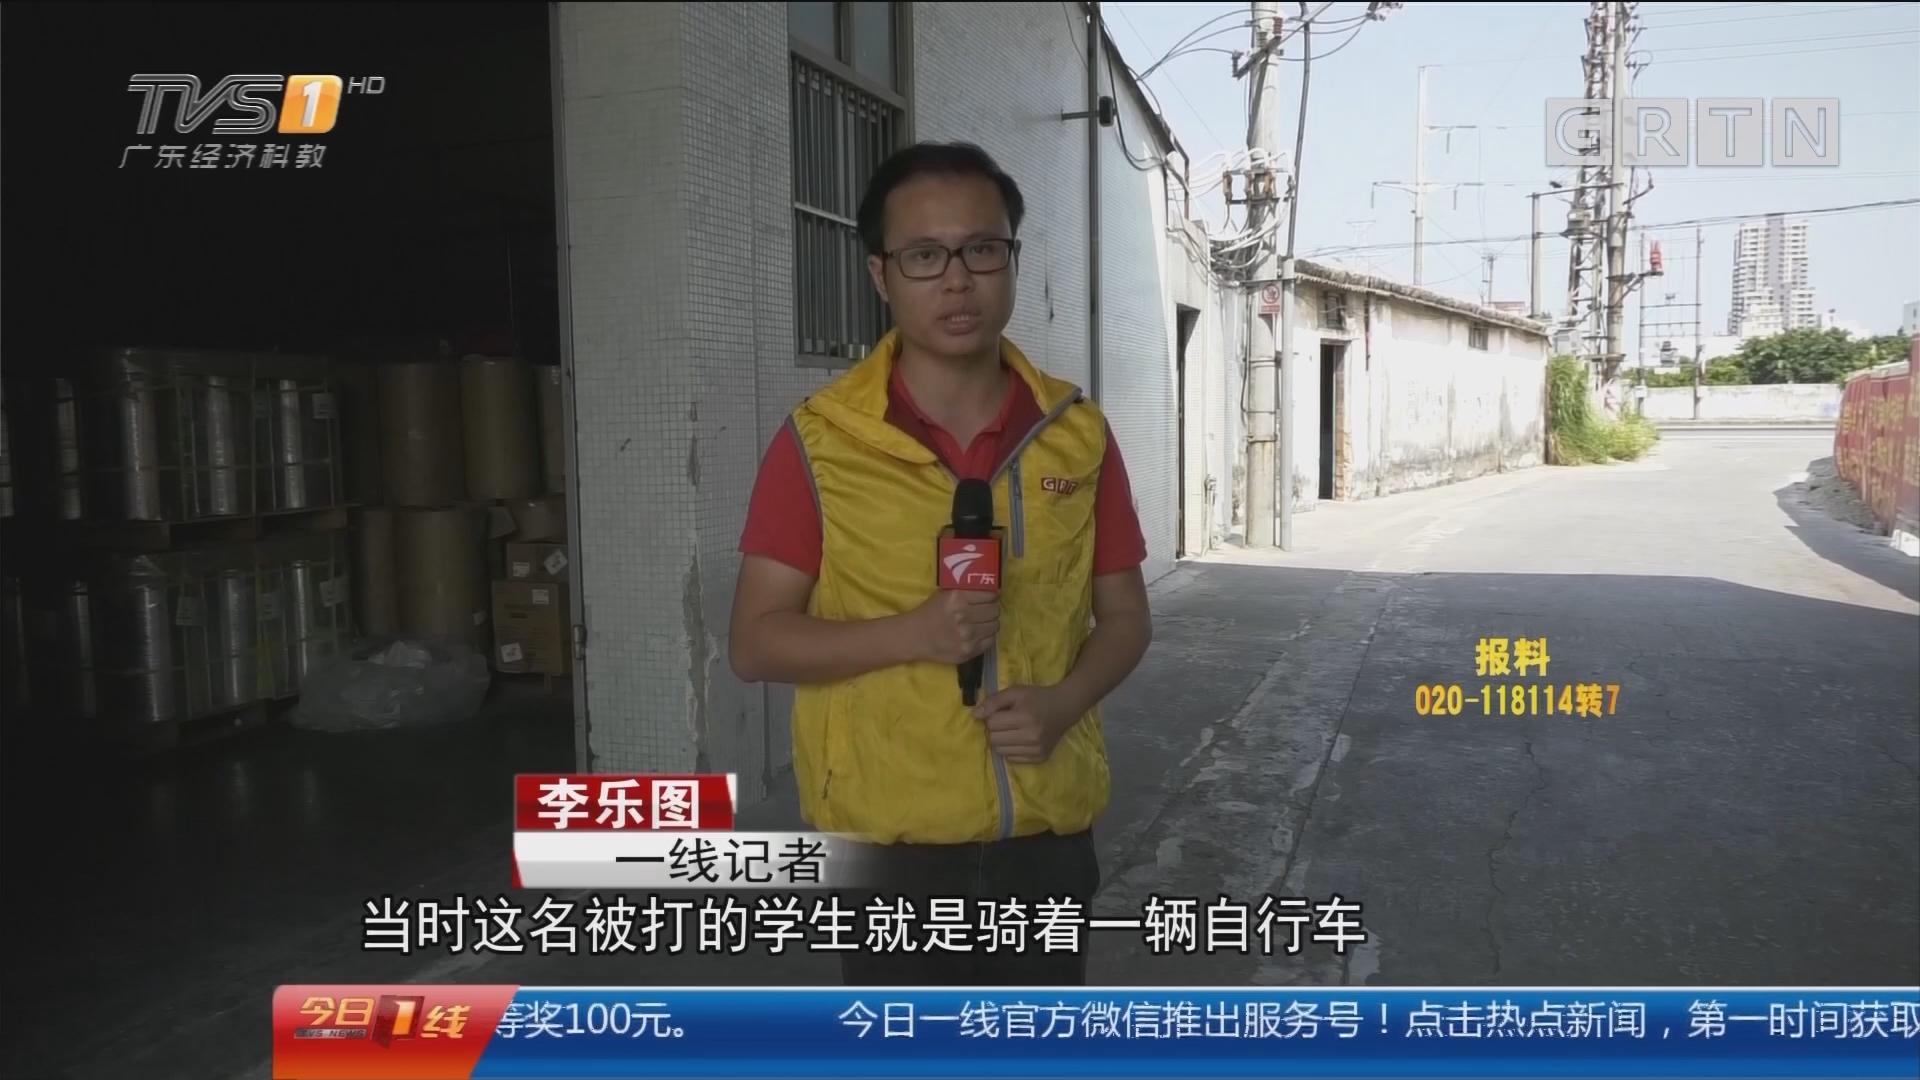 潮州潮安:网传学生街头被打 警方校方介入调查